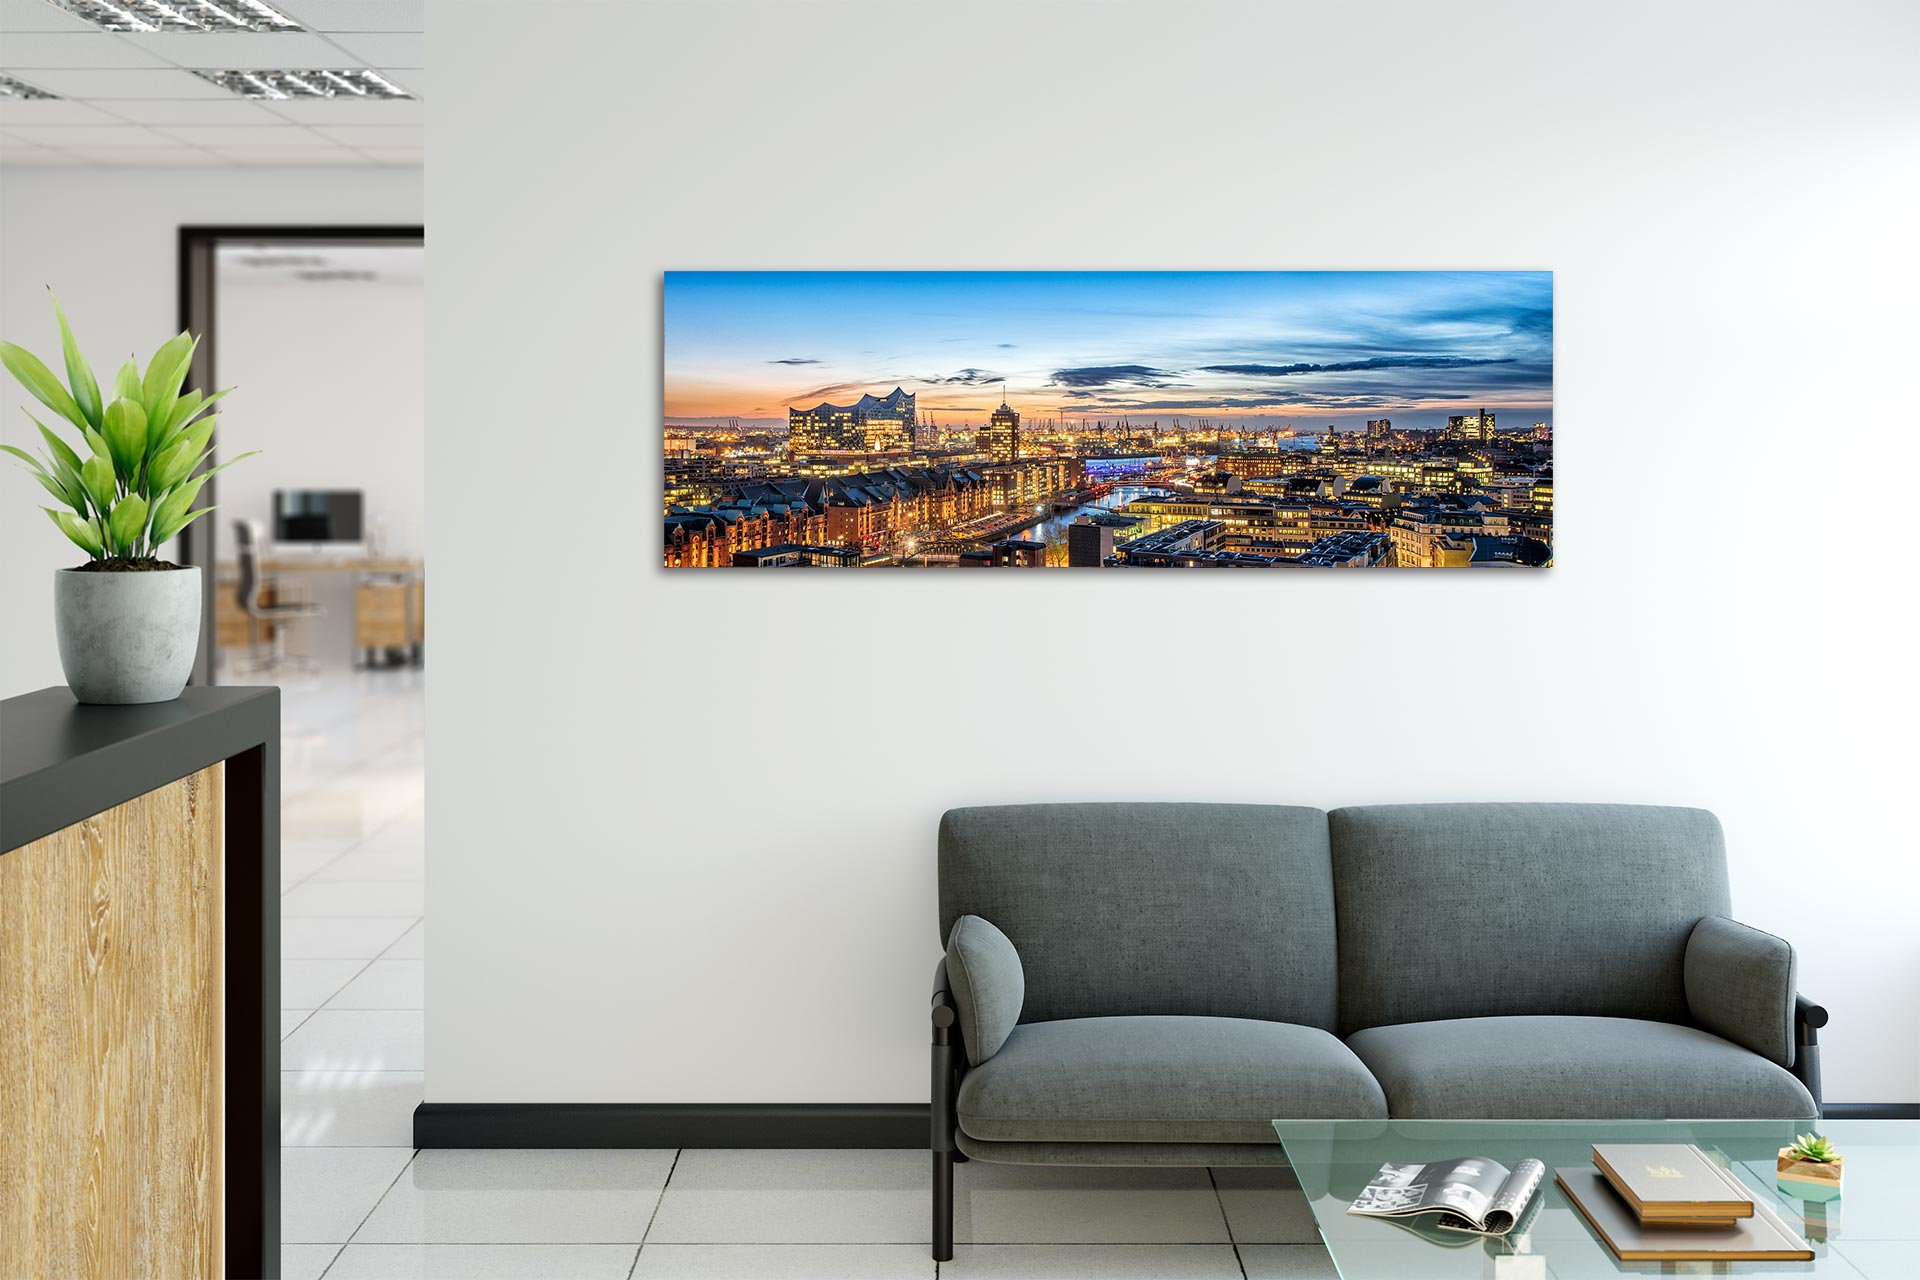 PSW105-panorama-elbphilharmonie-leinwand-acrylglas-aludibond-empfang